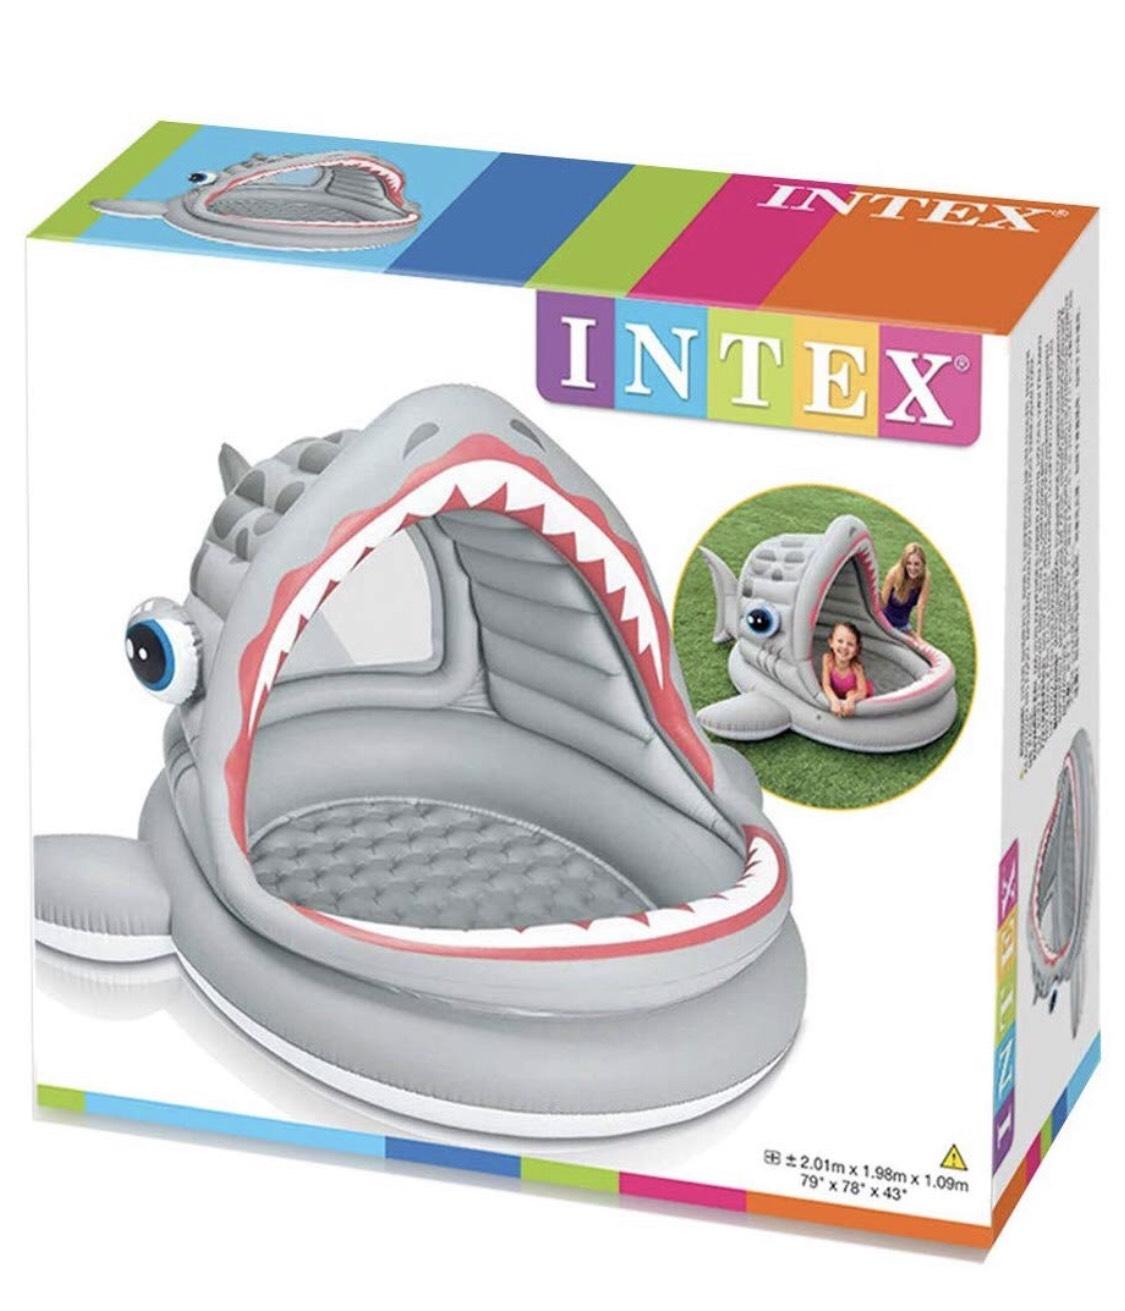 Intex Roarin' Shark Shade Pool  £7.50 at Tesco instore